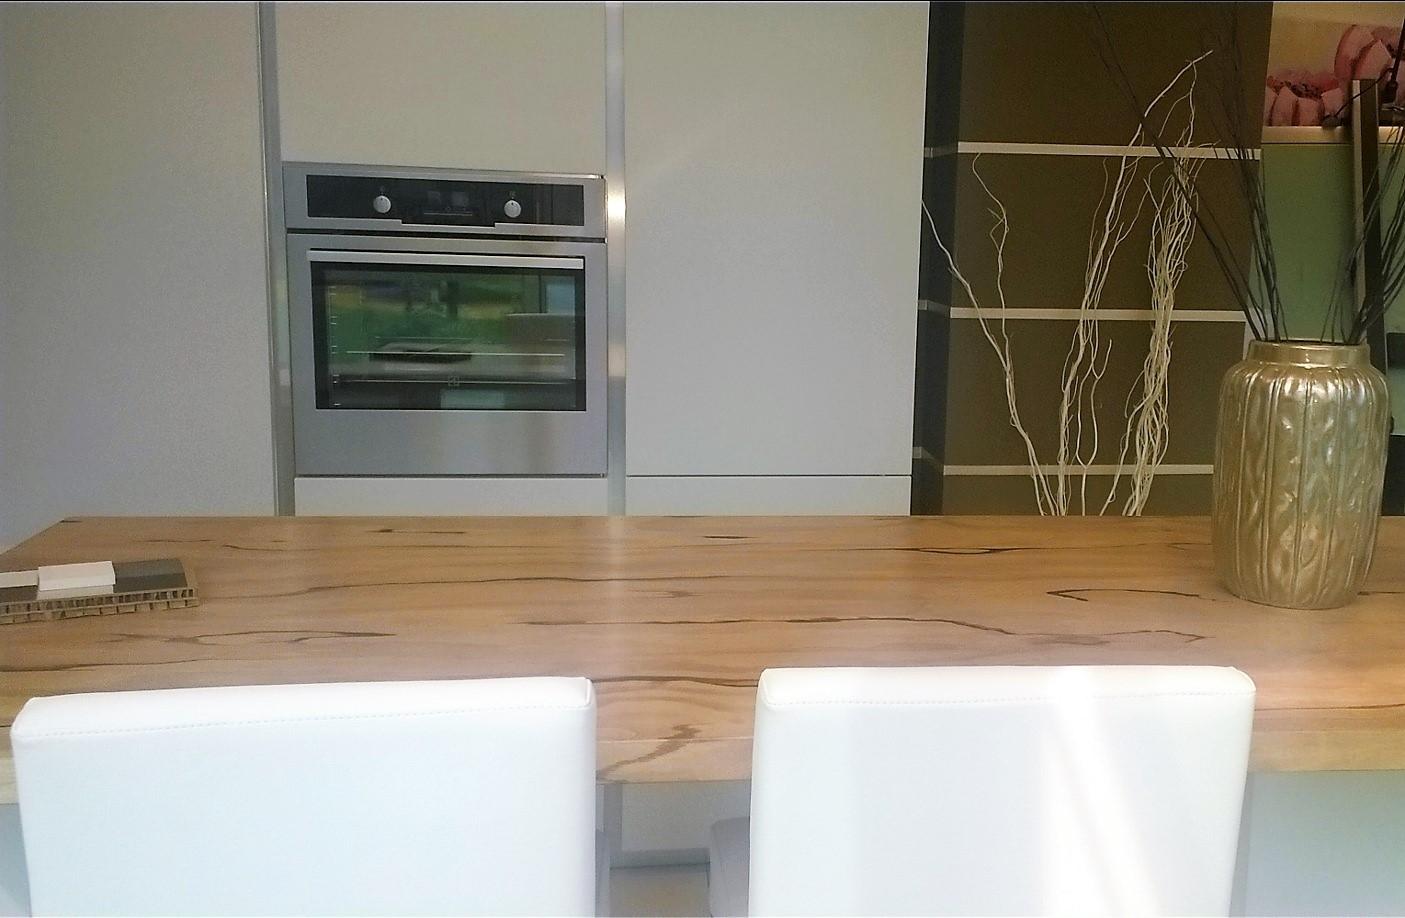 Cucina spagnol cucine mobili vivere italia moderno laccate - Spagnol mobili prezzi ...